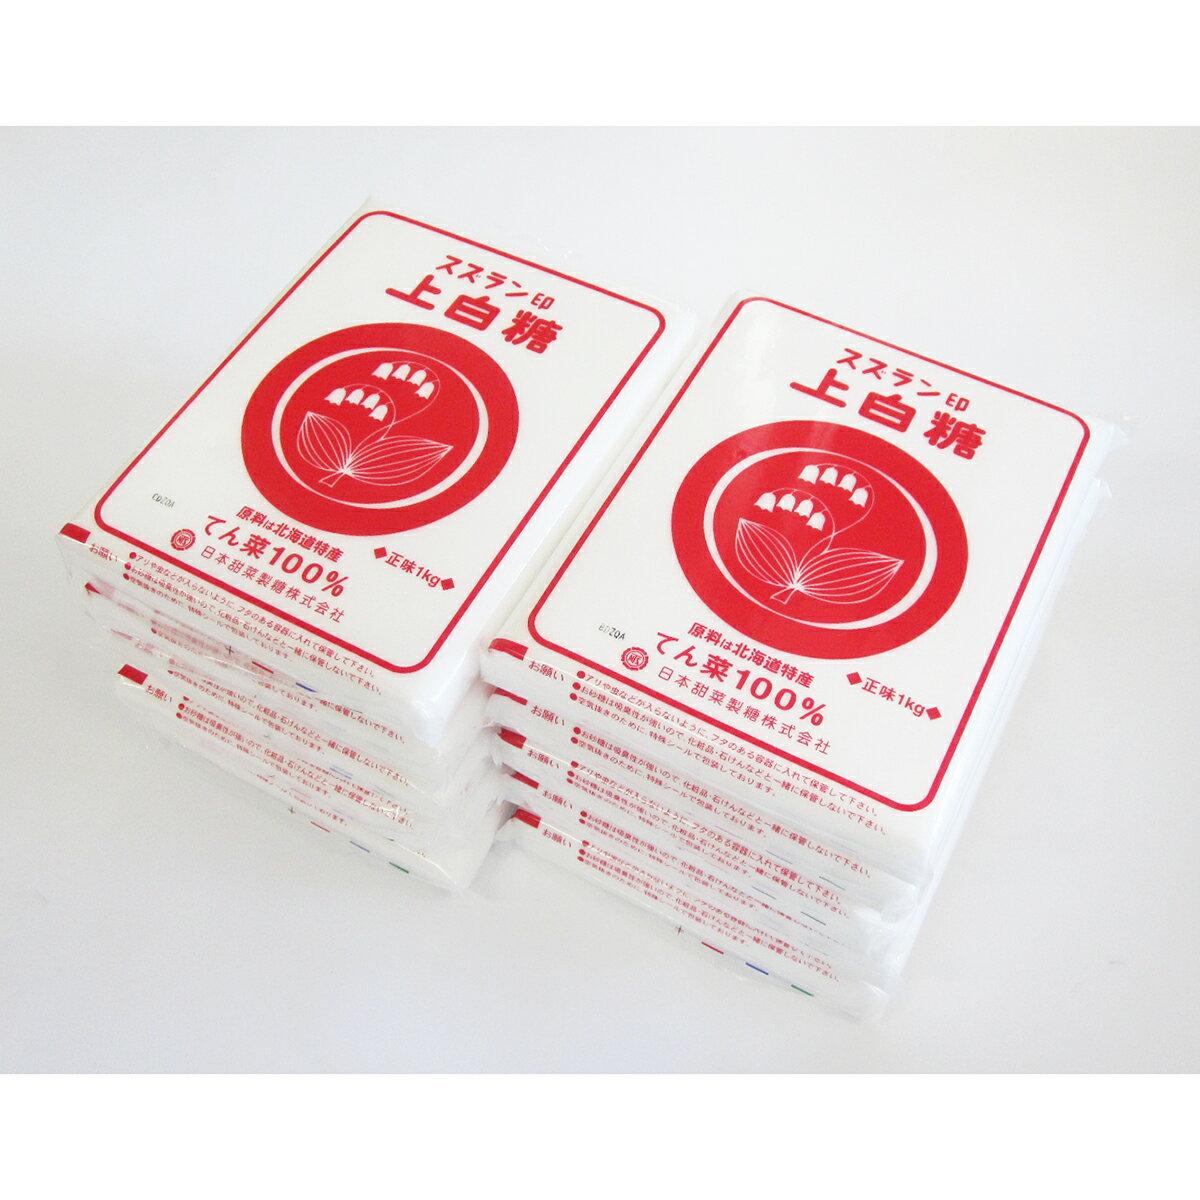 スズラン印 上白糖 てんさい 10kg (1kg×10) ビート糖 甜菜糖 砂糖 北海道産 てんさい糖 日本甜菜製糖 ニッテン